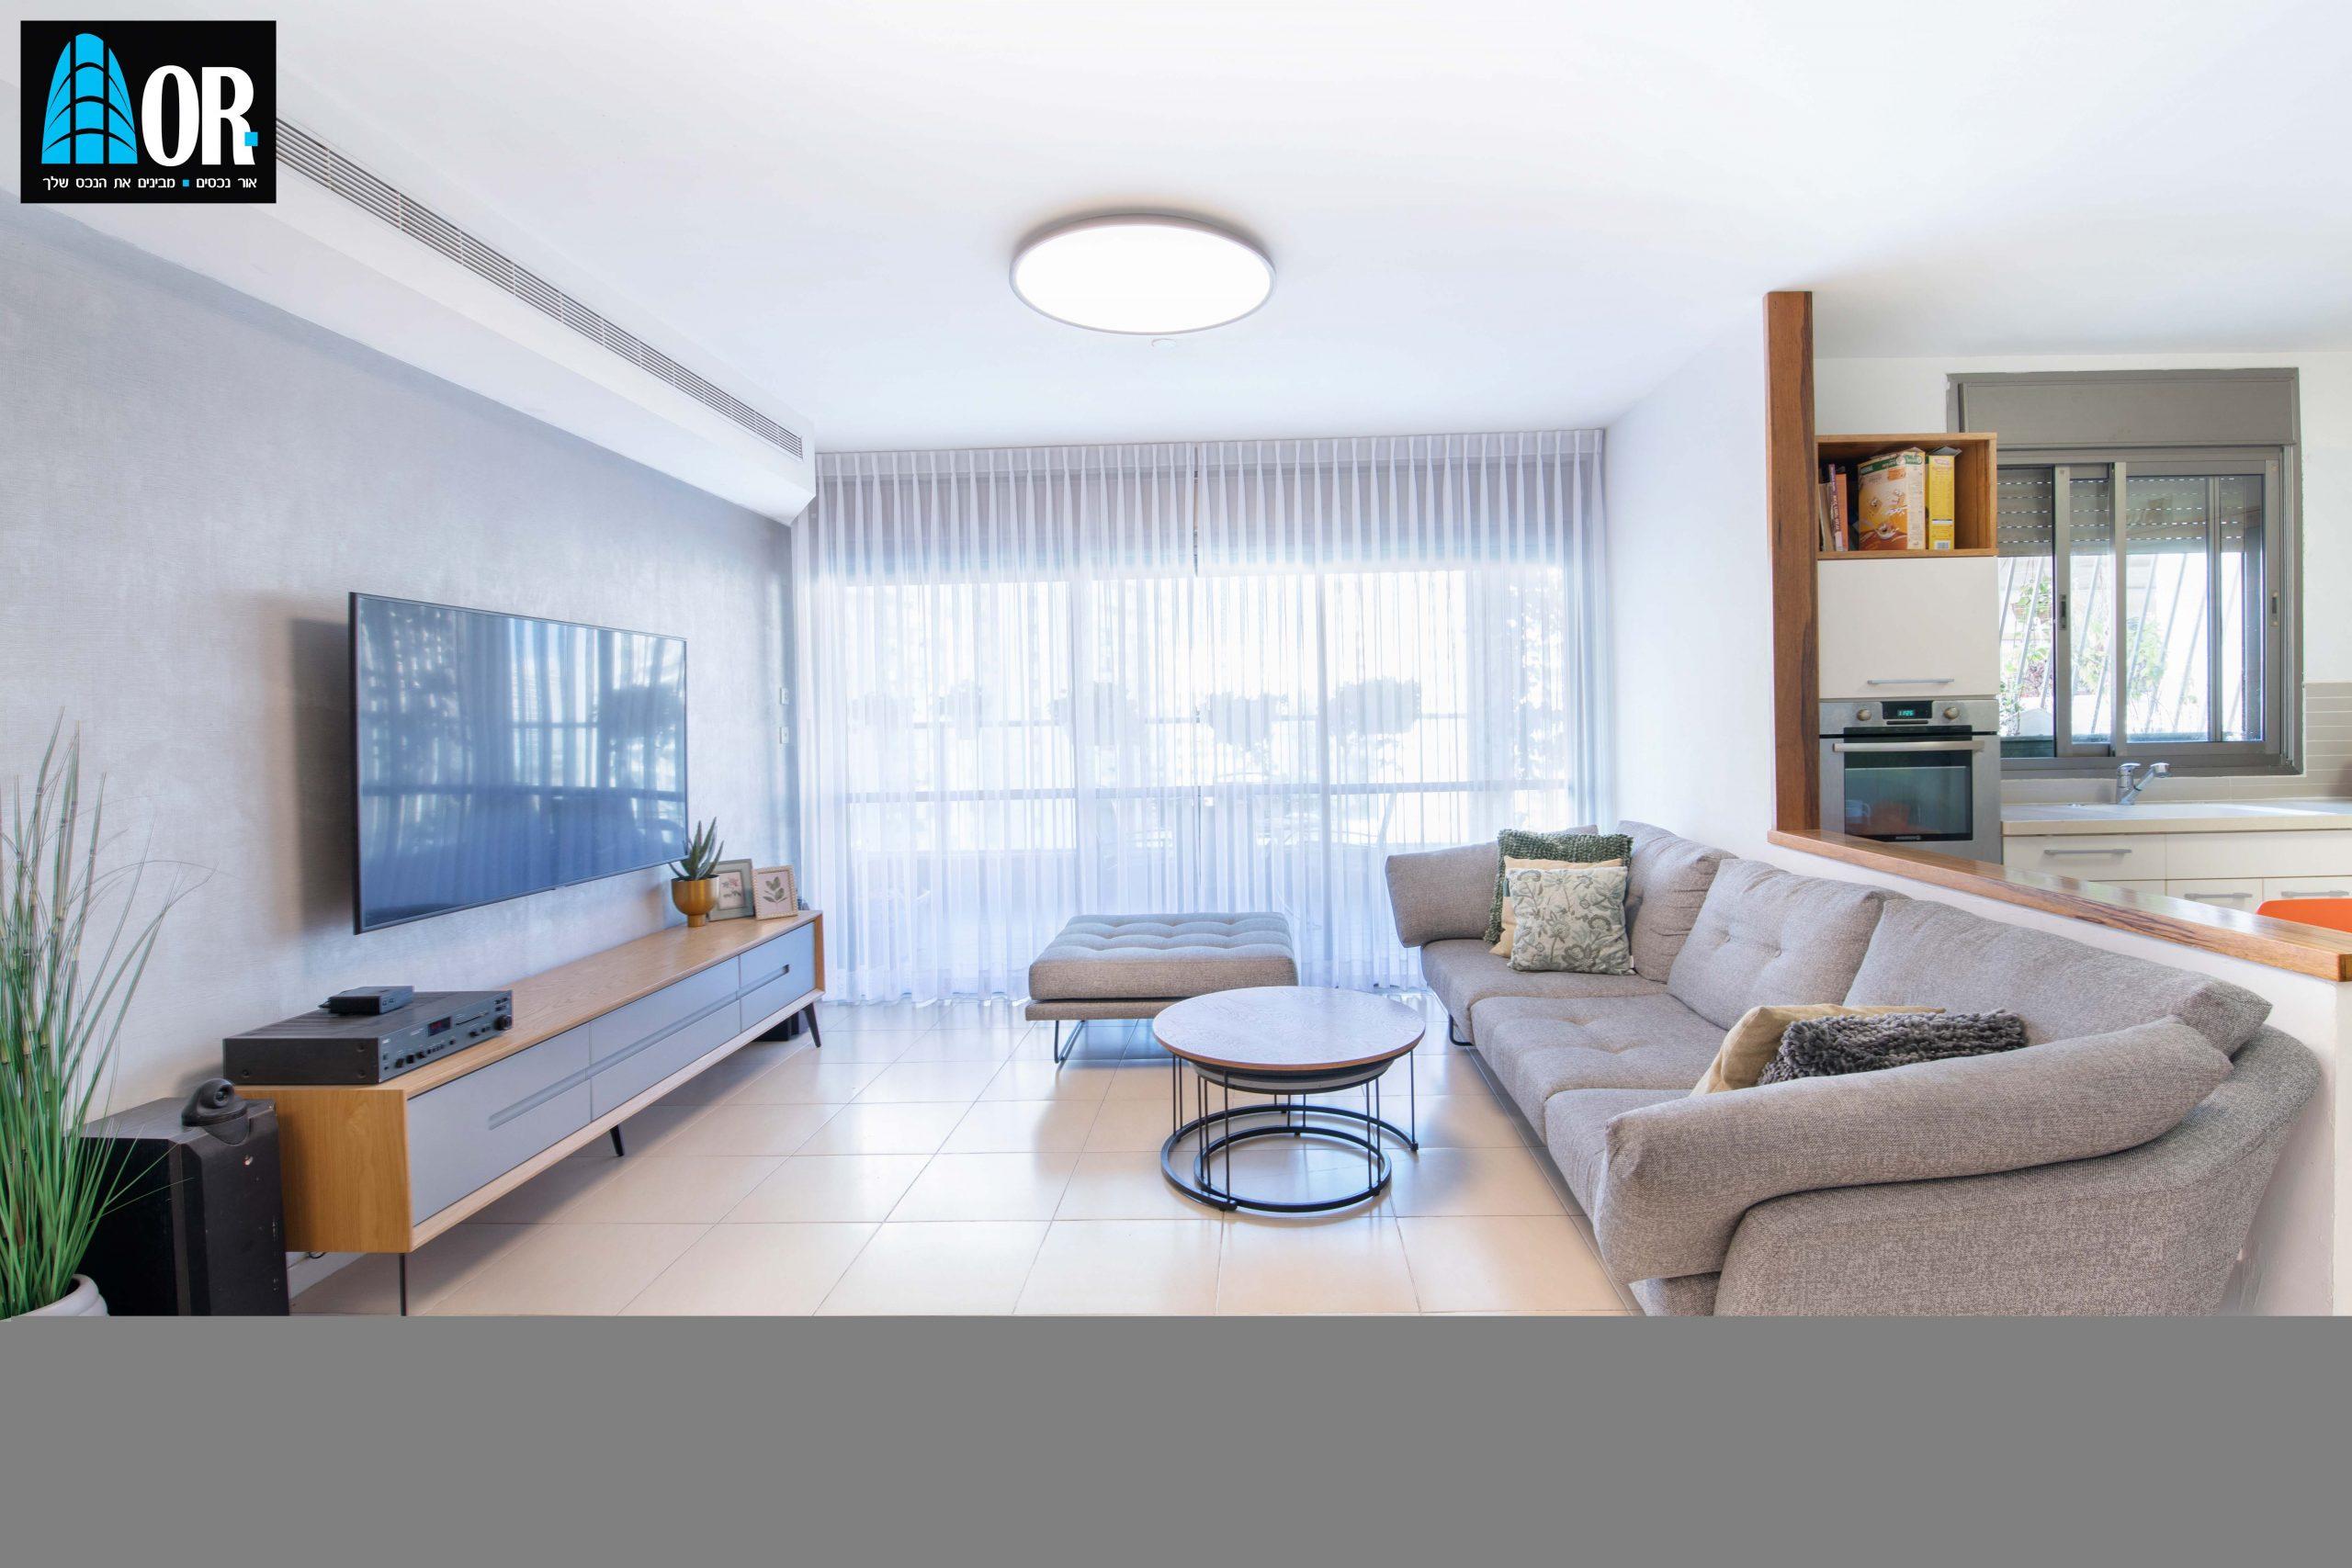 סלון דירה 4 חדרים שכונה פארק המושבה